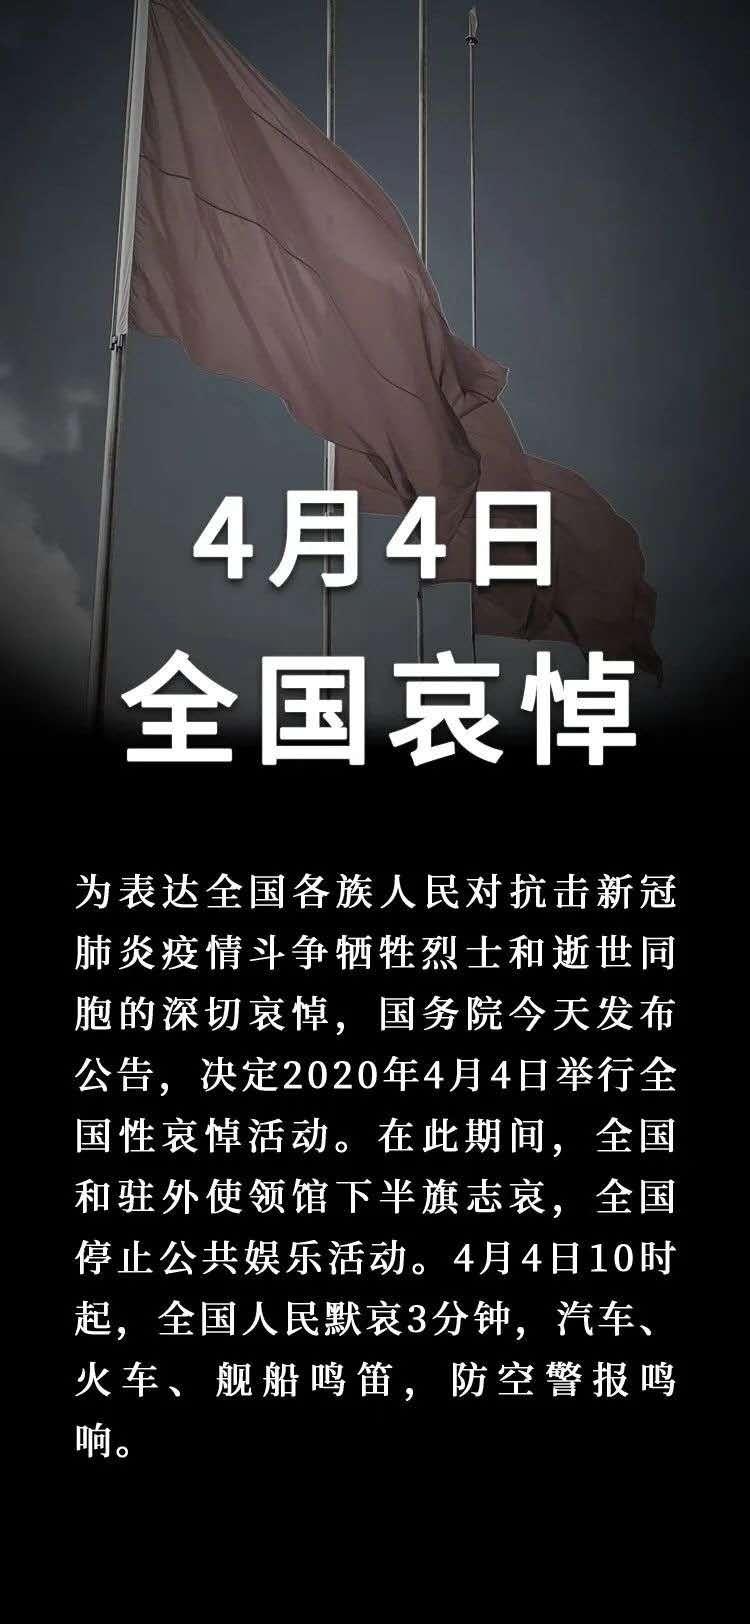 今天是2020年4月4日,清明节,全国哀悼日